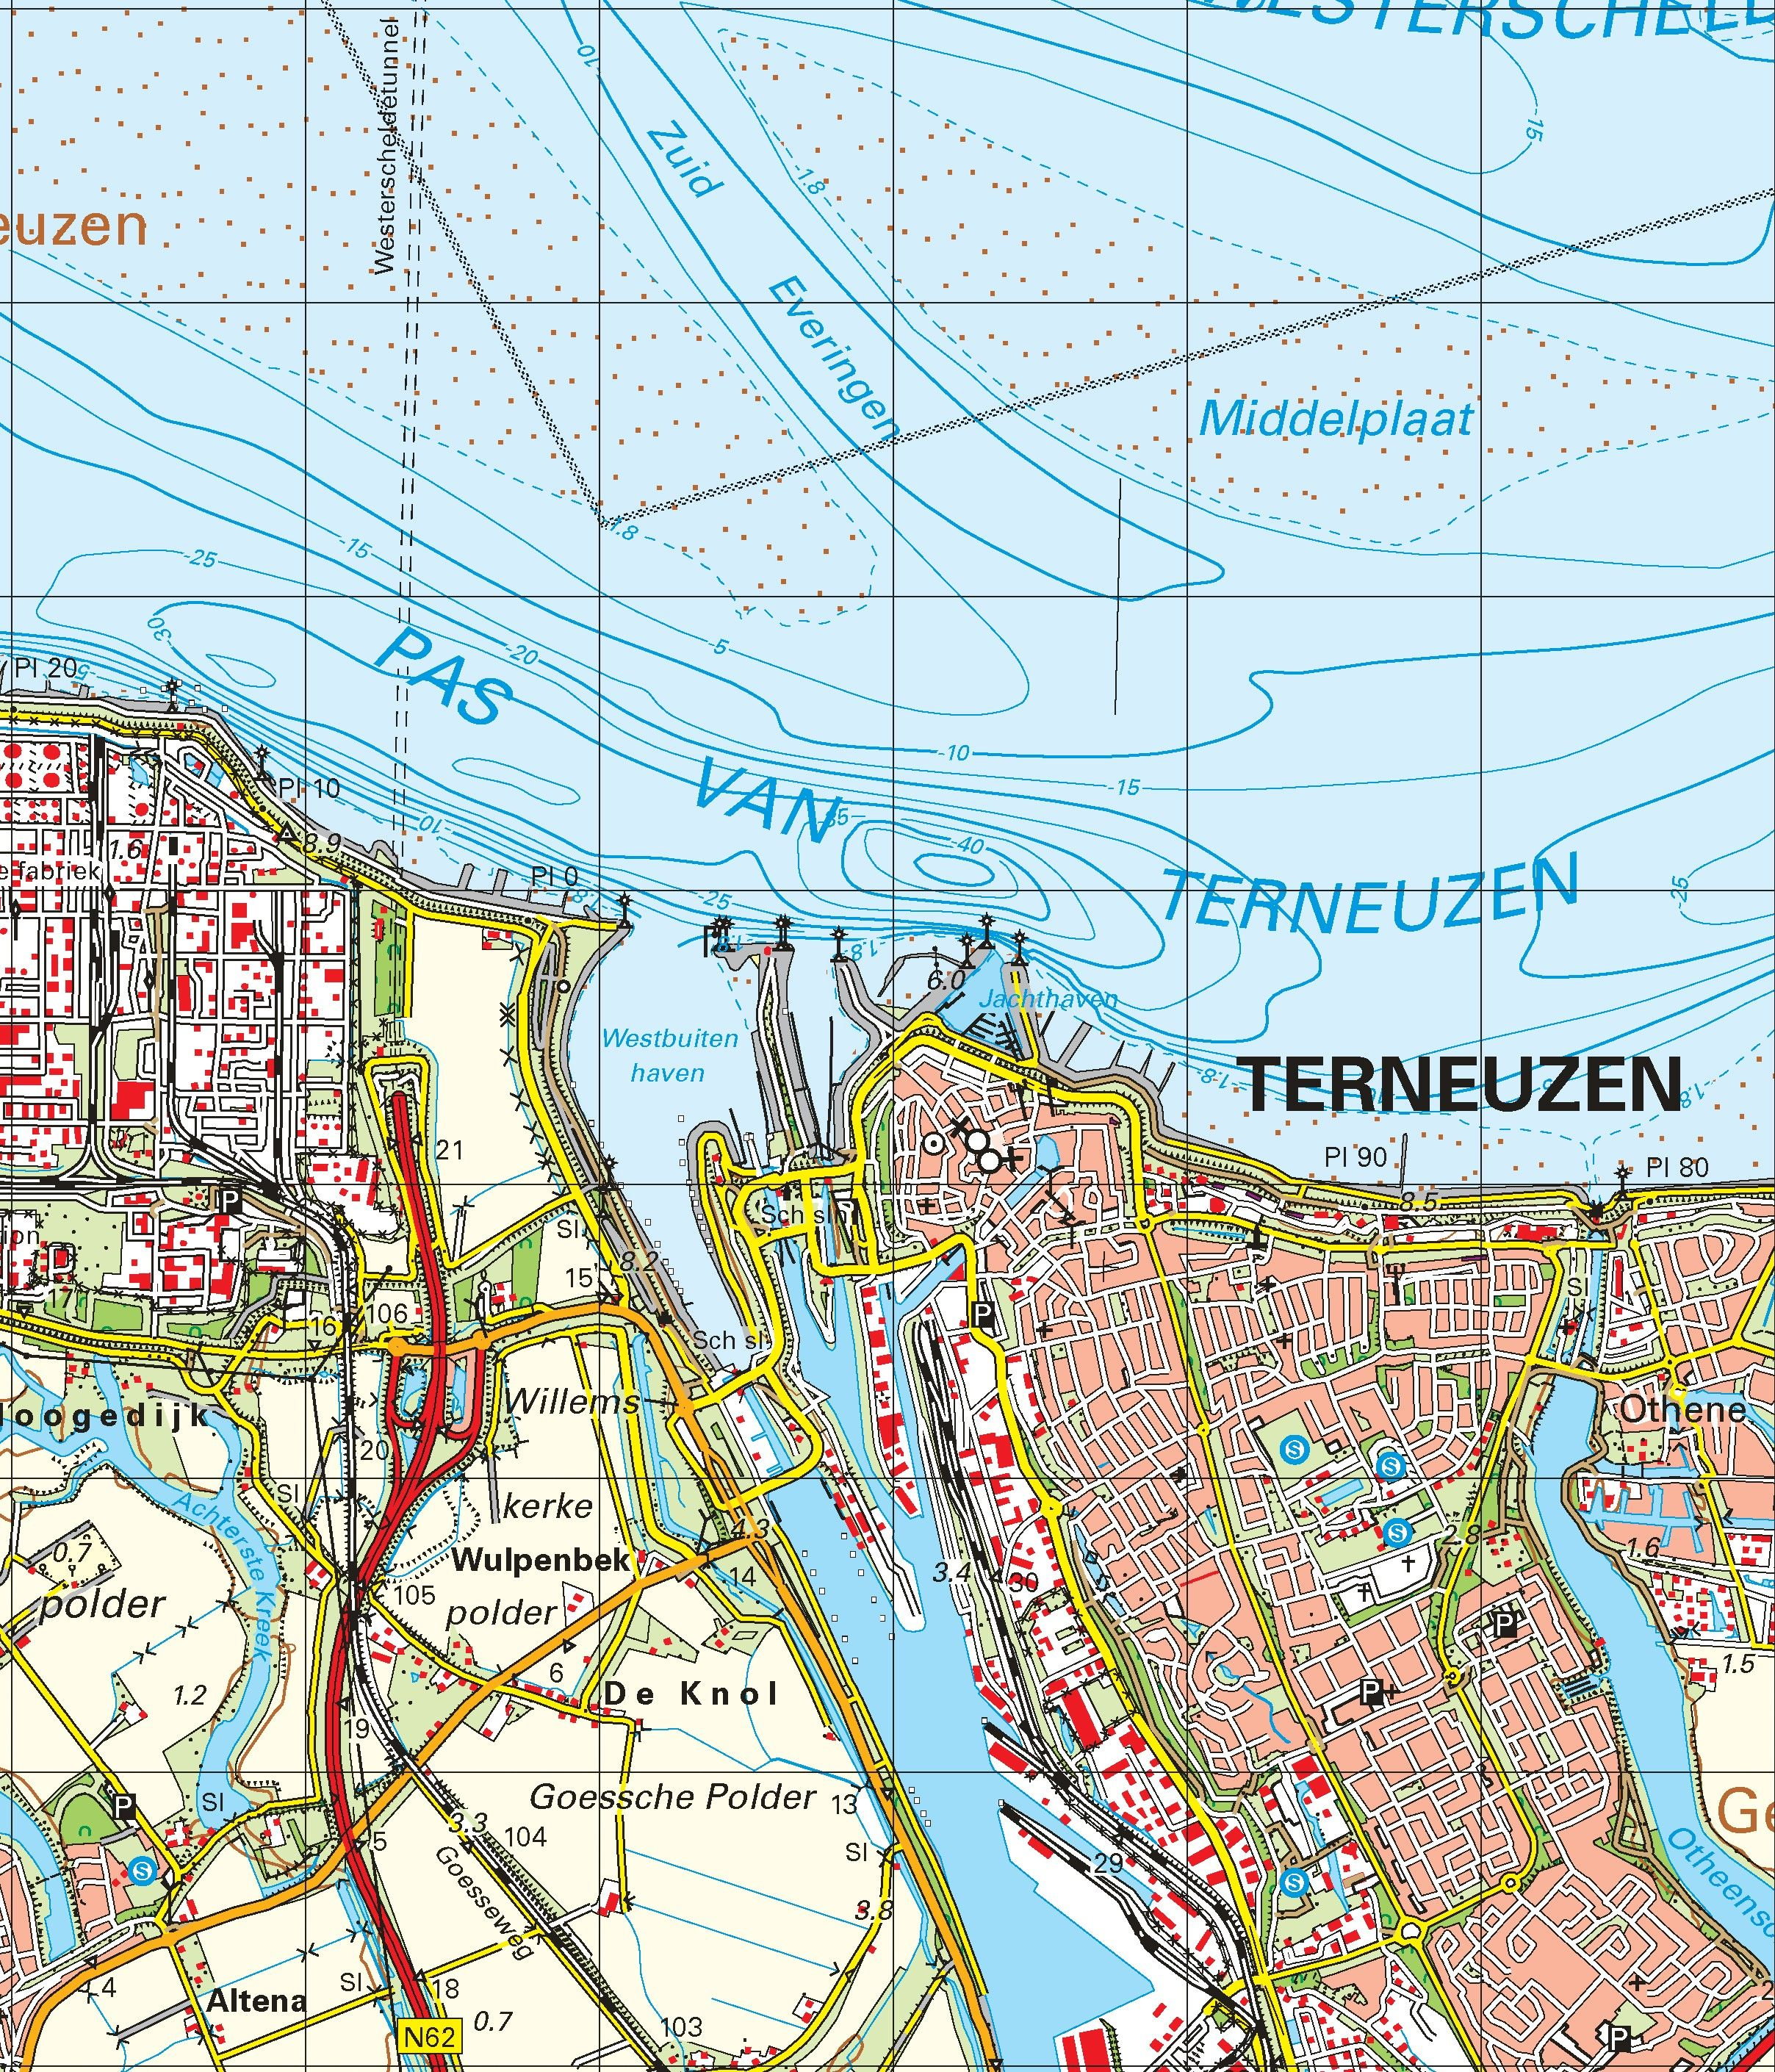 Topografische kaart schaal 1:50.000 (Goes, Tholen, Terneuzen, Hulst, Axel, Bergen op Zoom)